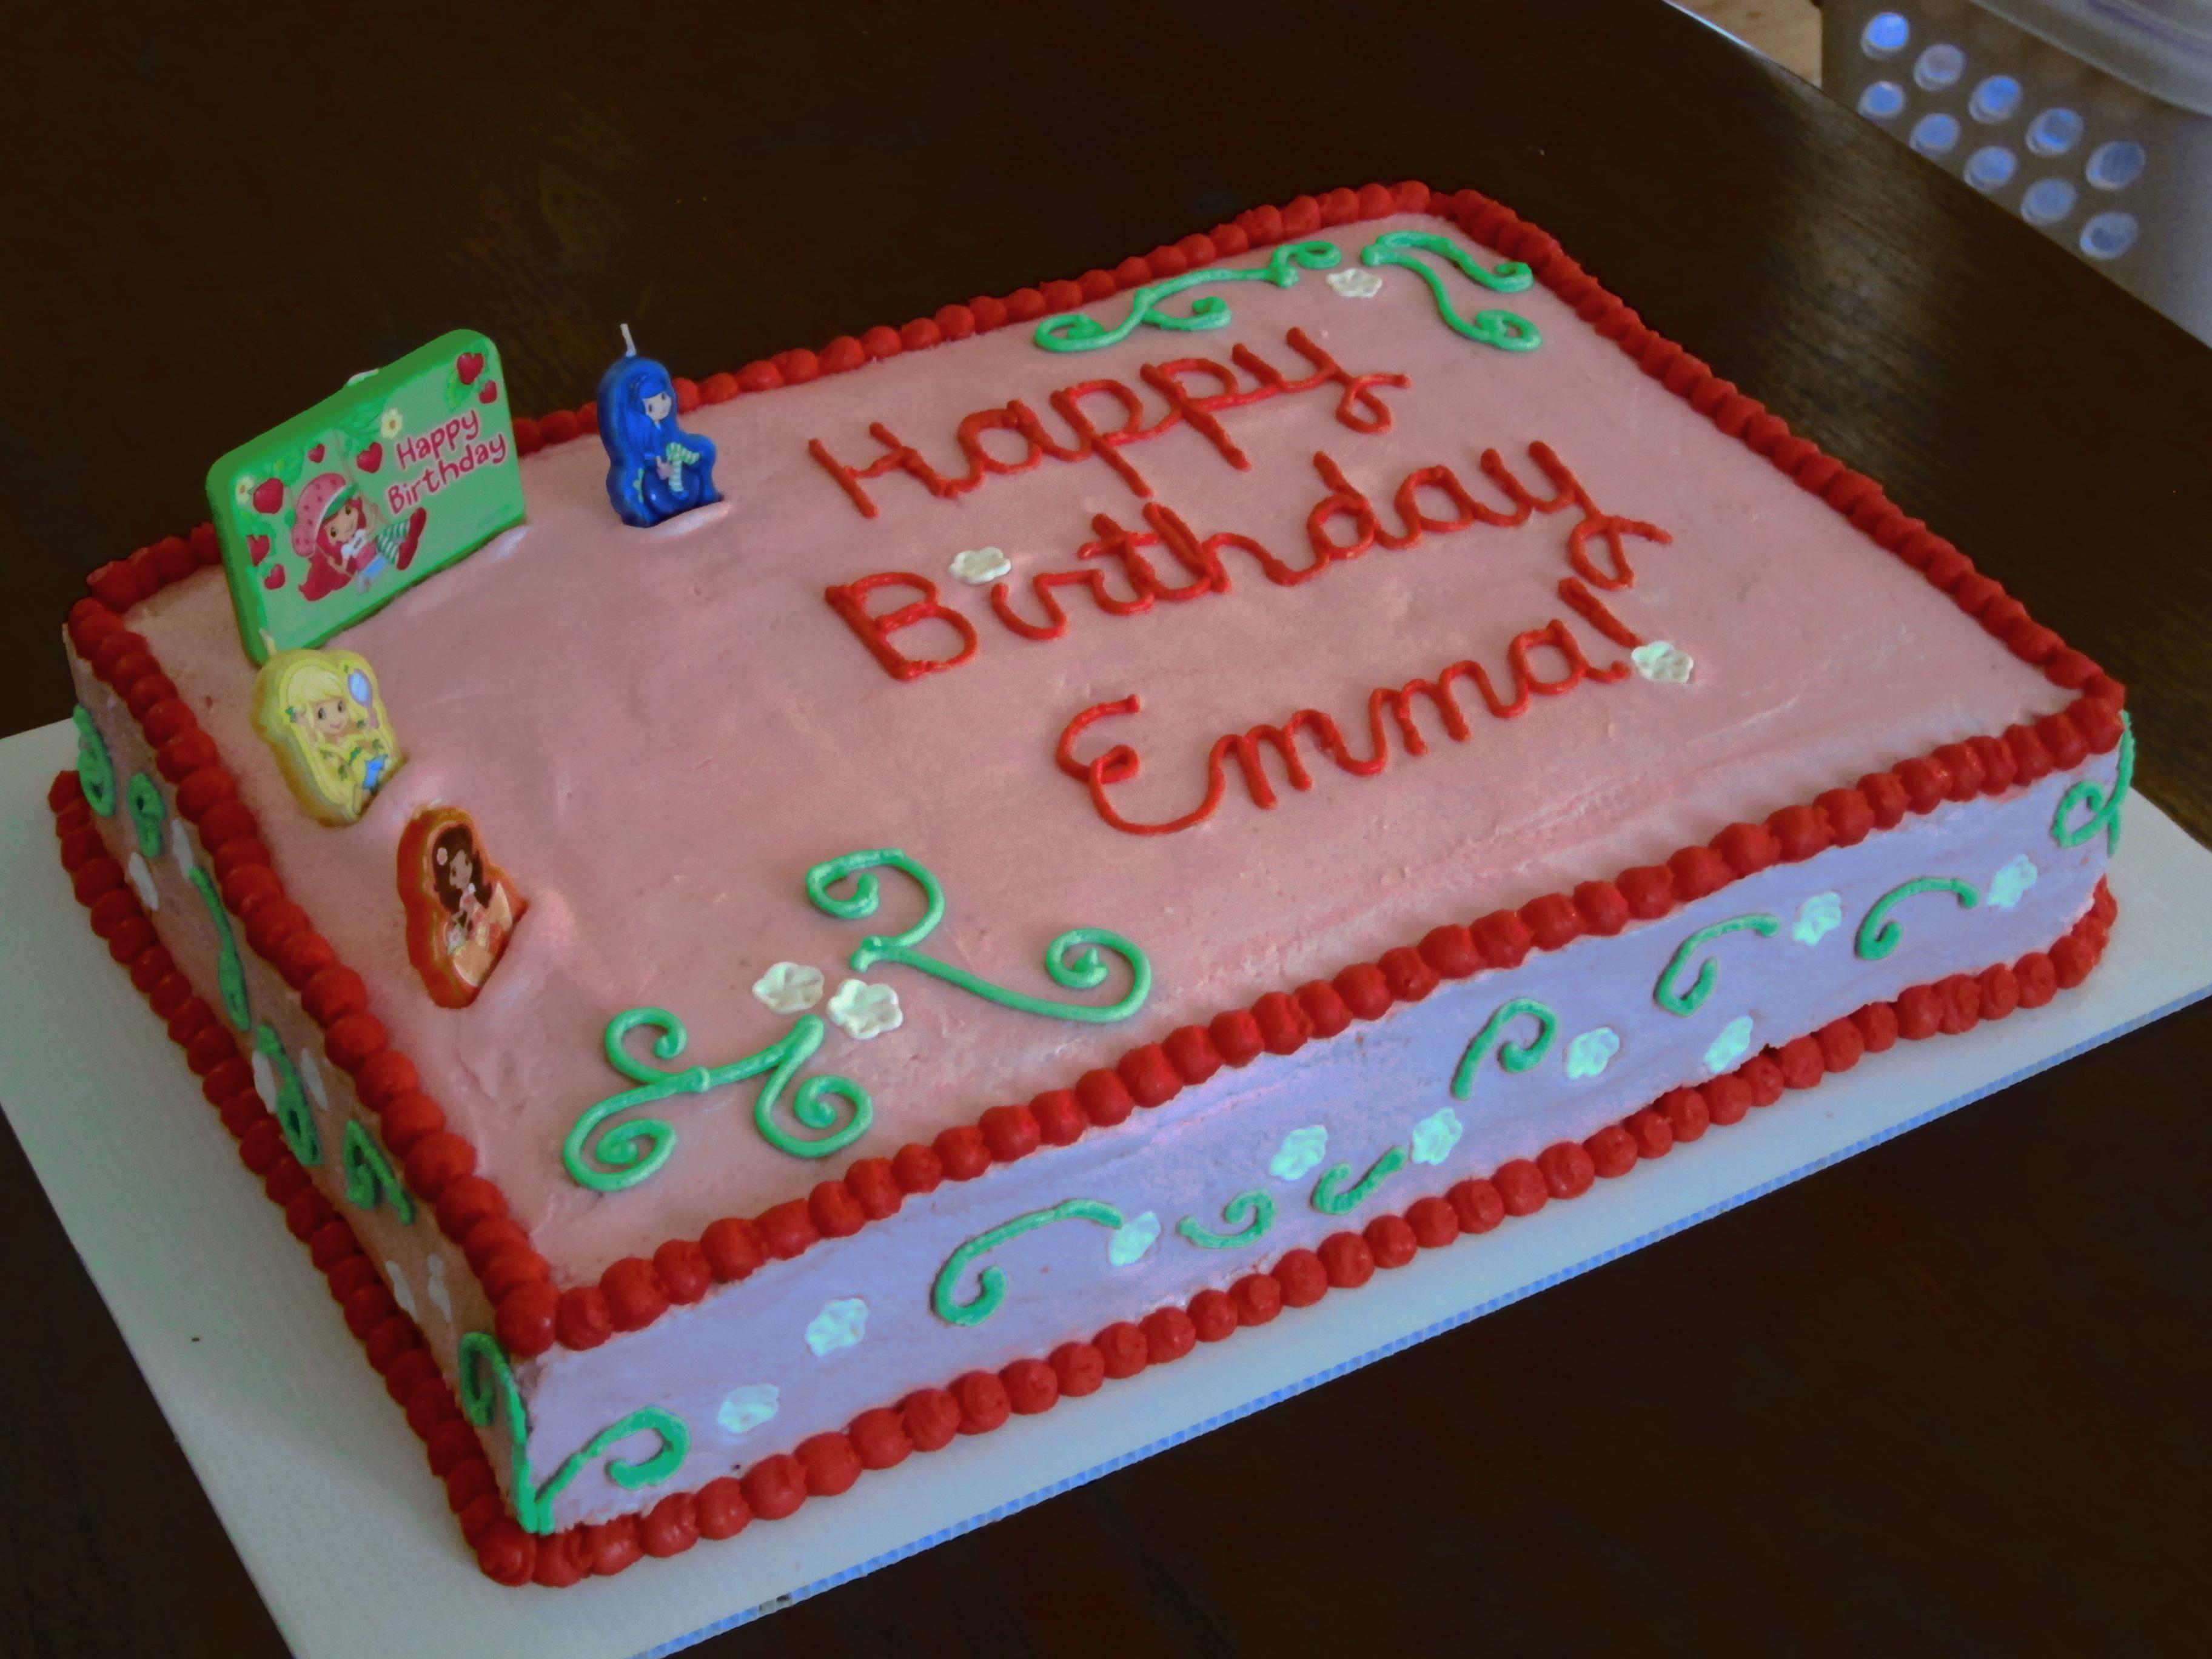 Strawberry Shortcake Cake The Sassy Apron